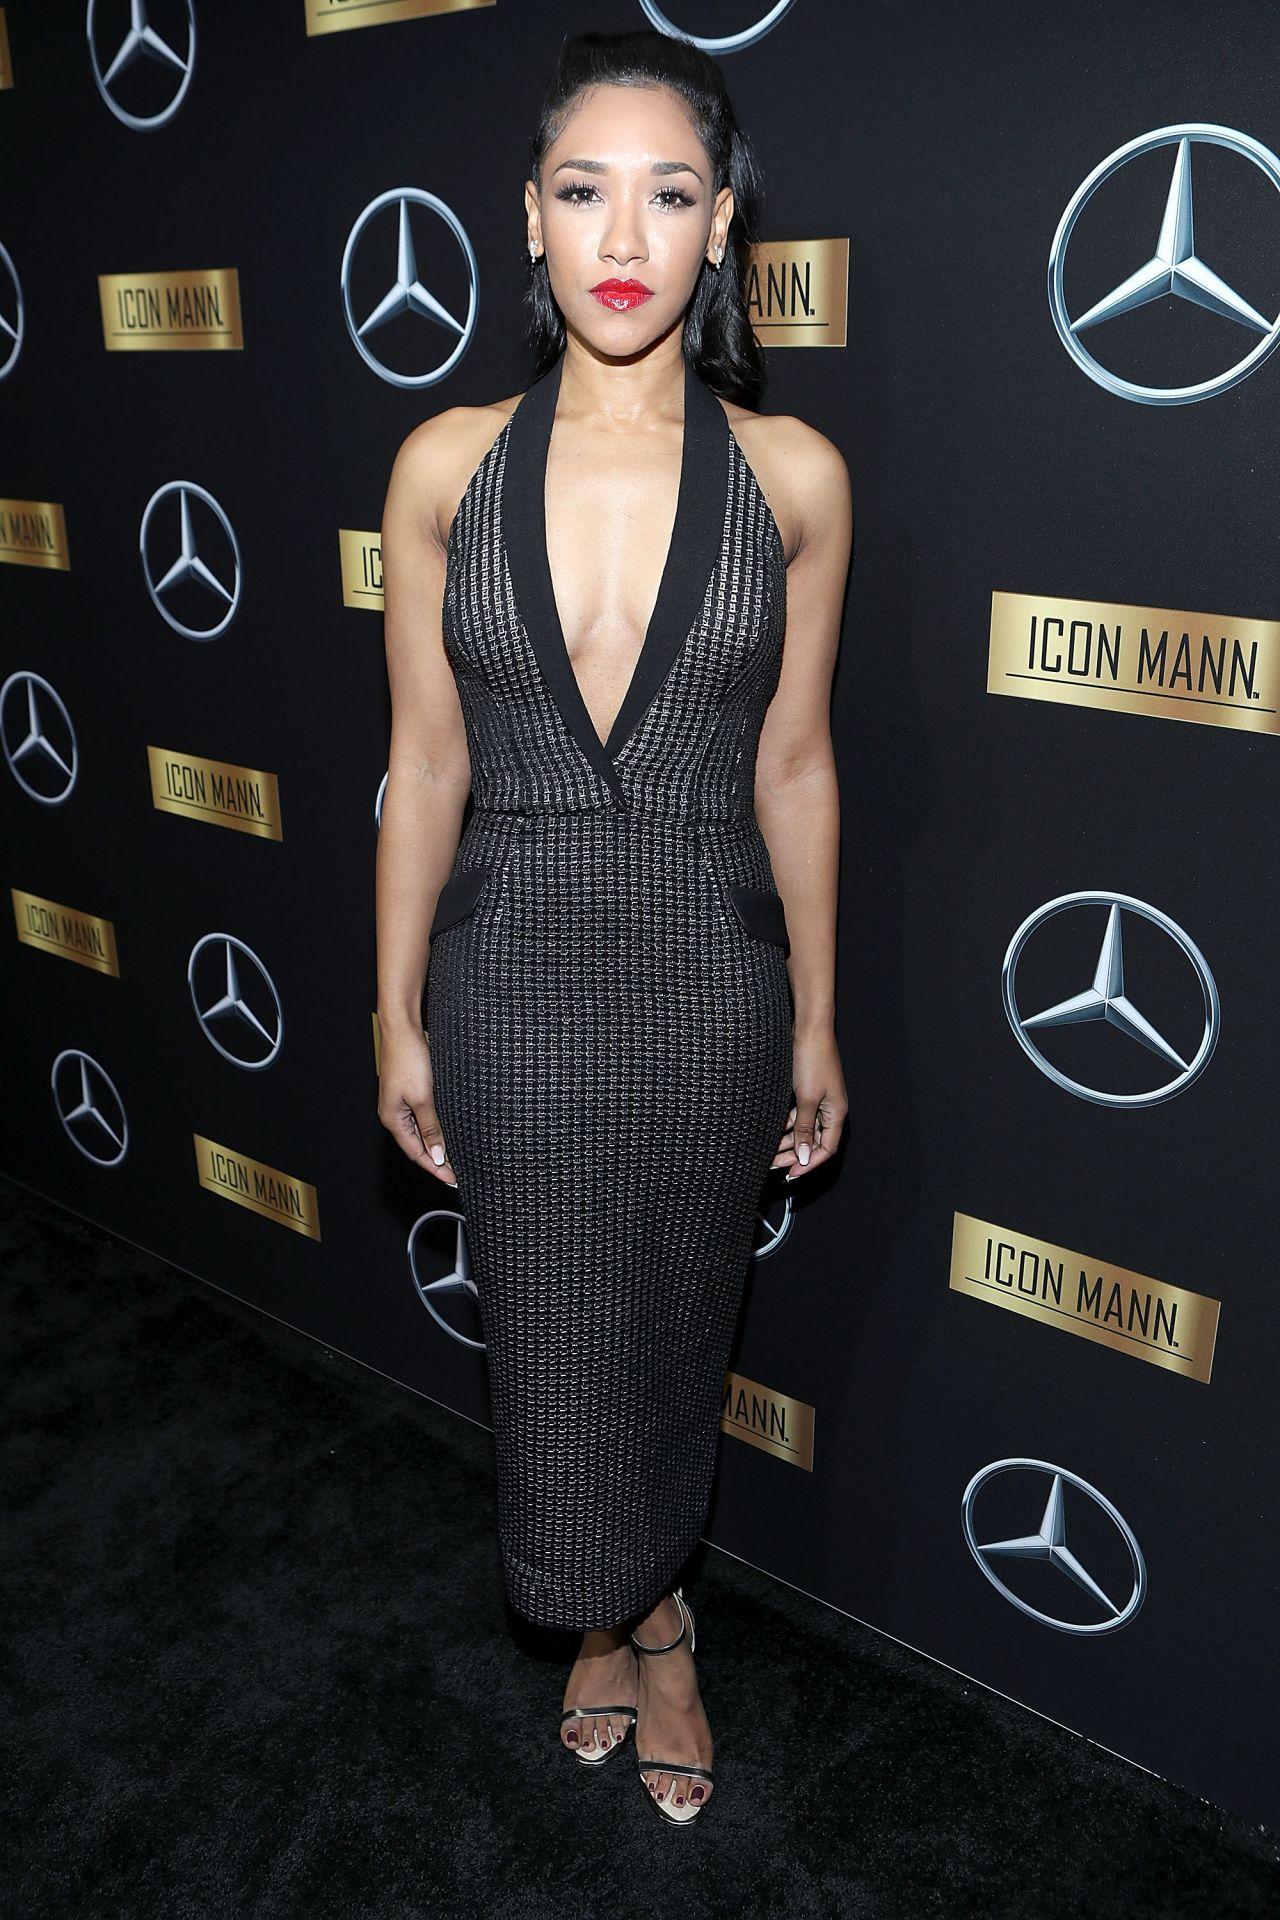 Candice Patton Mercedes Benz Icon Mann 2017 Academy